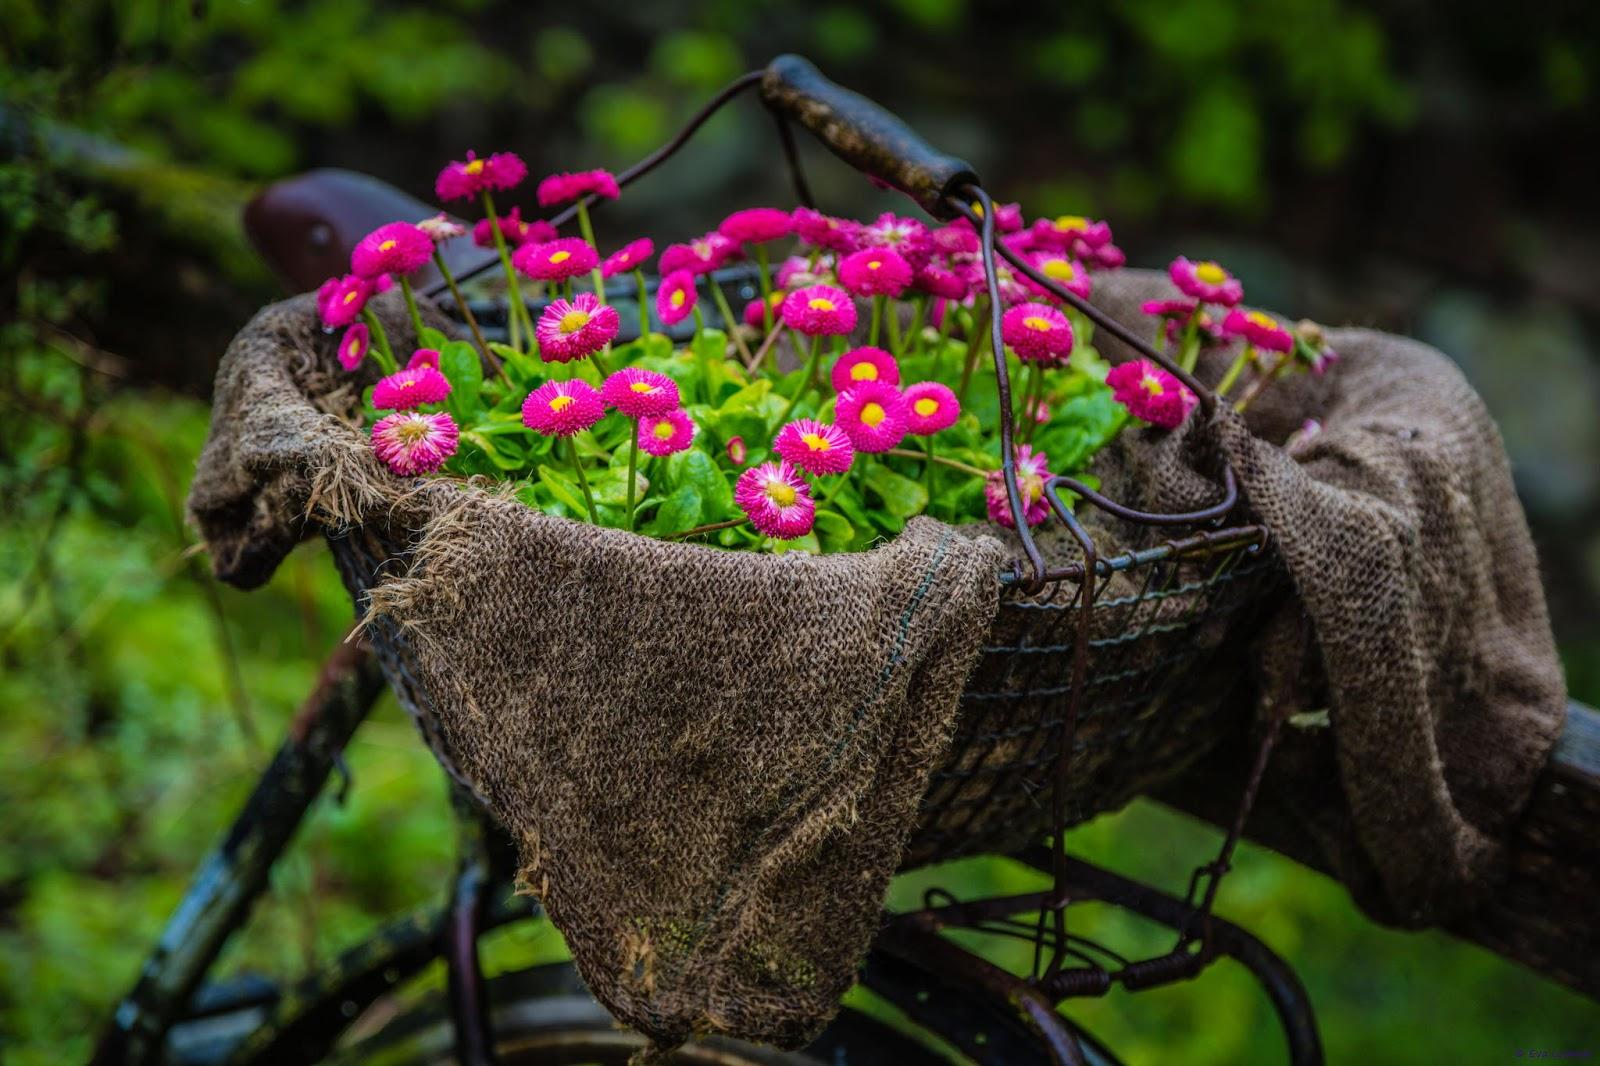 LA PRIMAVERA LLEGO¡!! Canasta-con-flores-sobre-una-bicicleta-cycle-color-flowers-